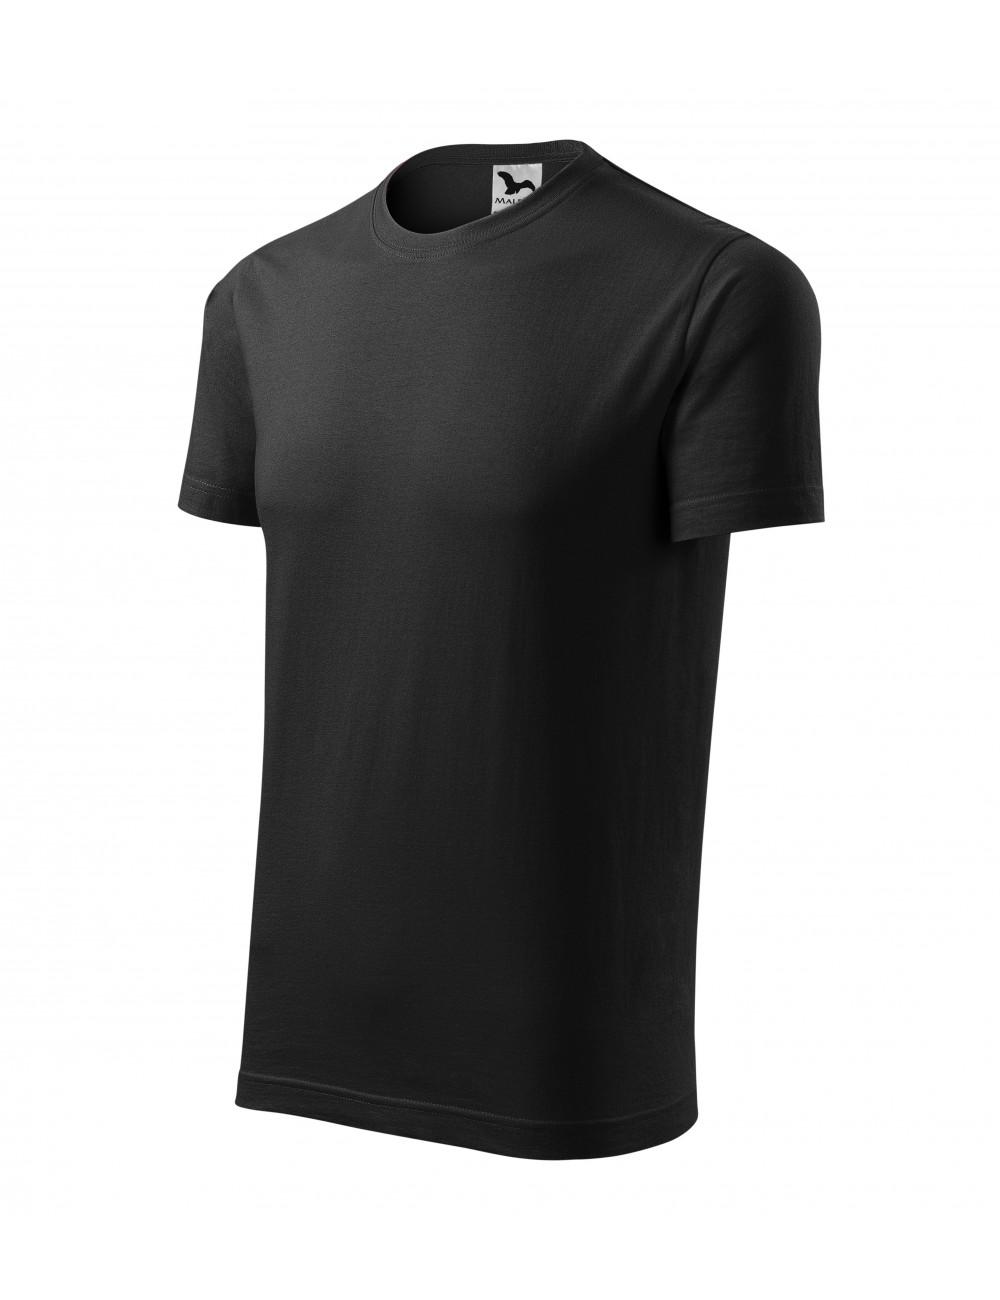 Adler MALFINI Koszulka unisex Element 145 czarny